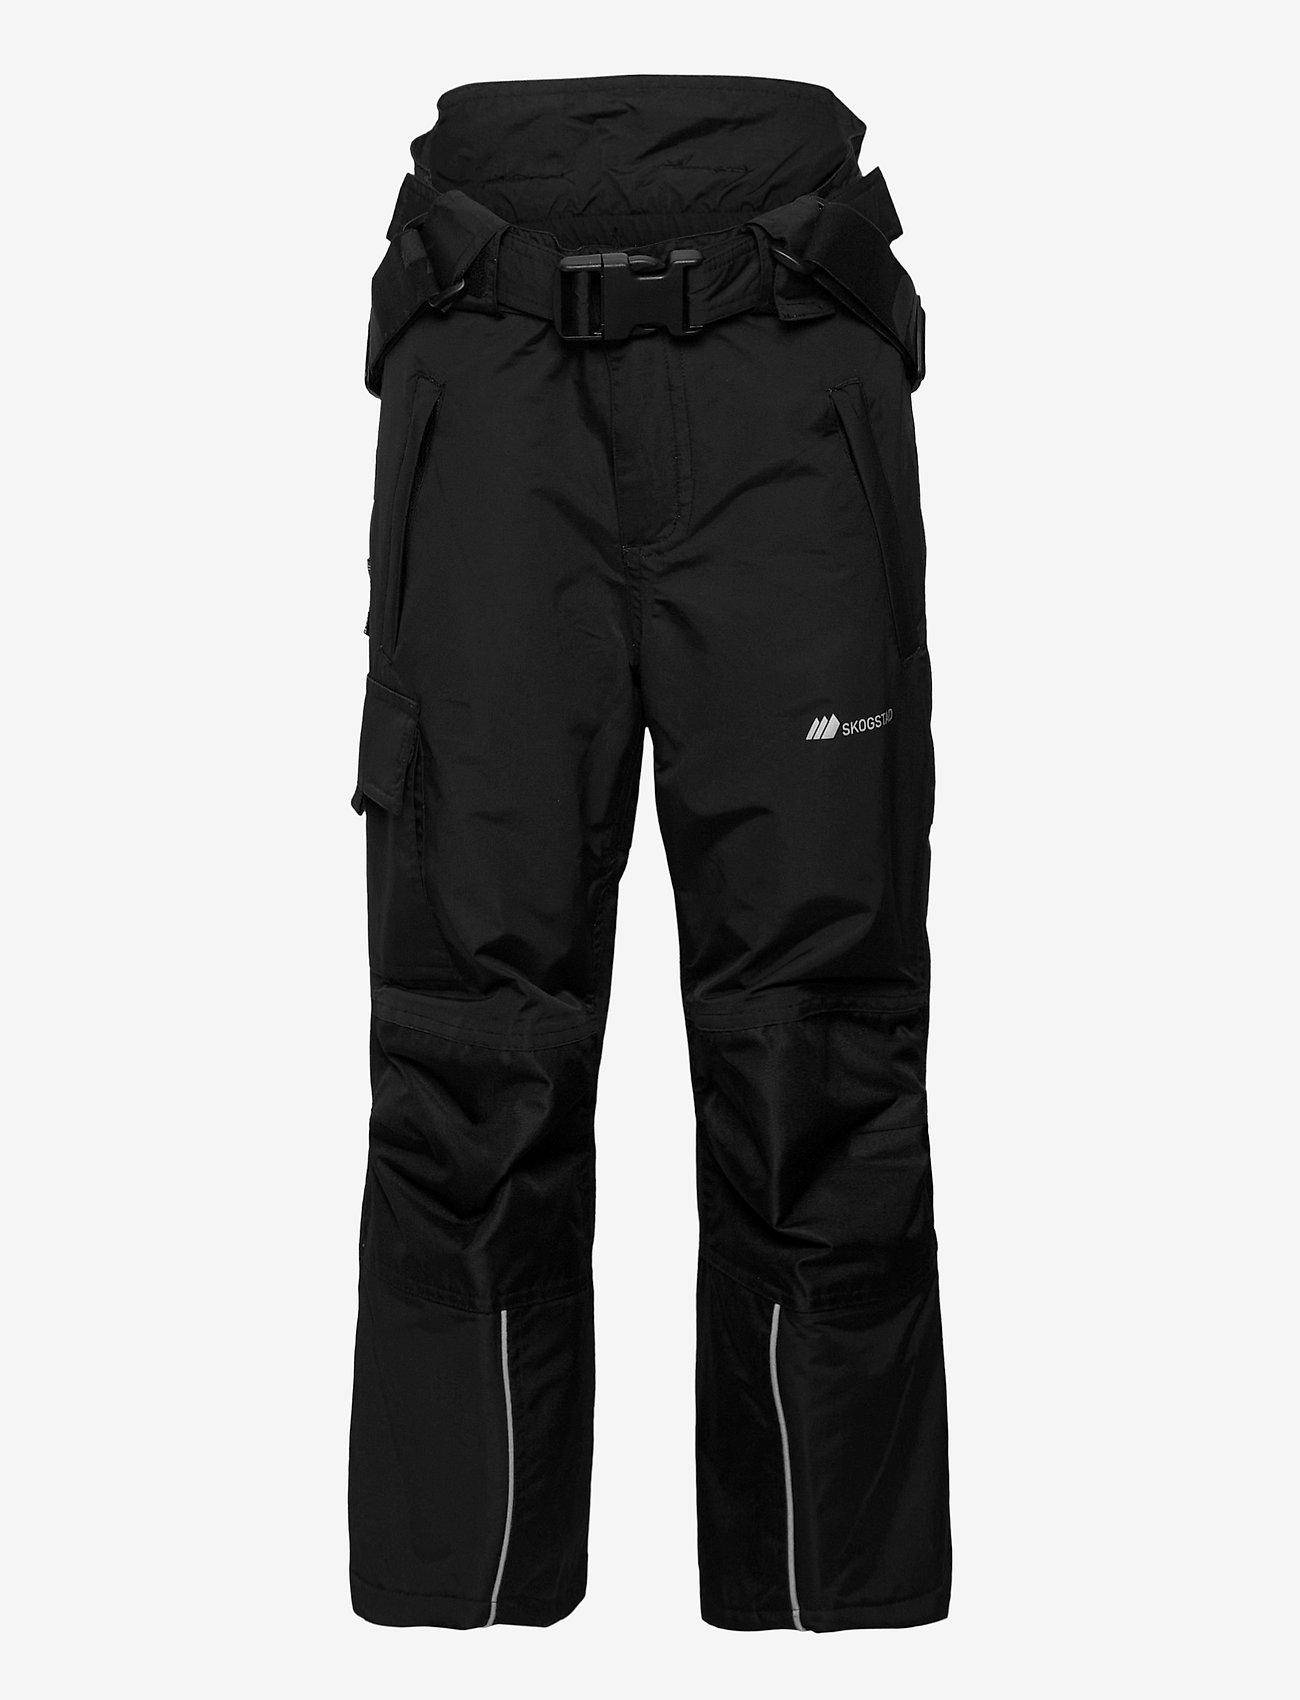 Skogstad - Panther Tord 2-layer technical trouser - overtræksbukser - black - 1